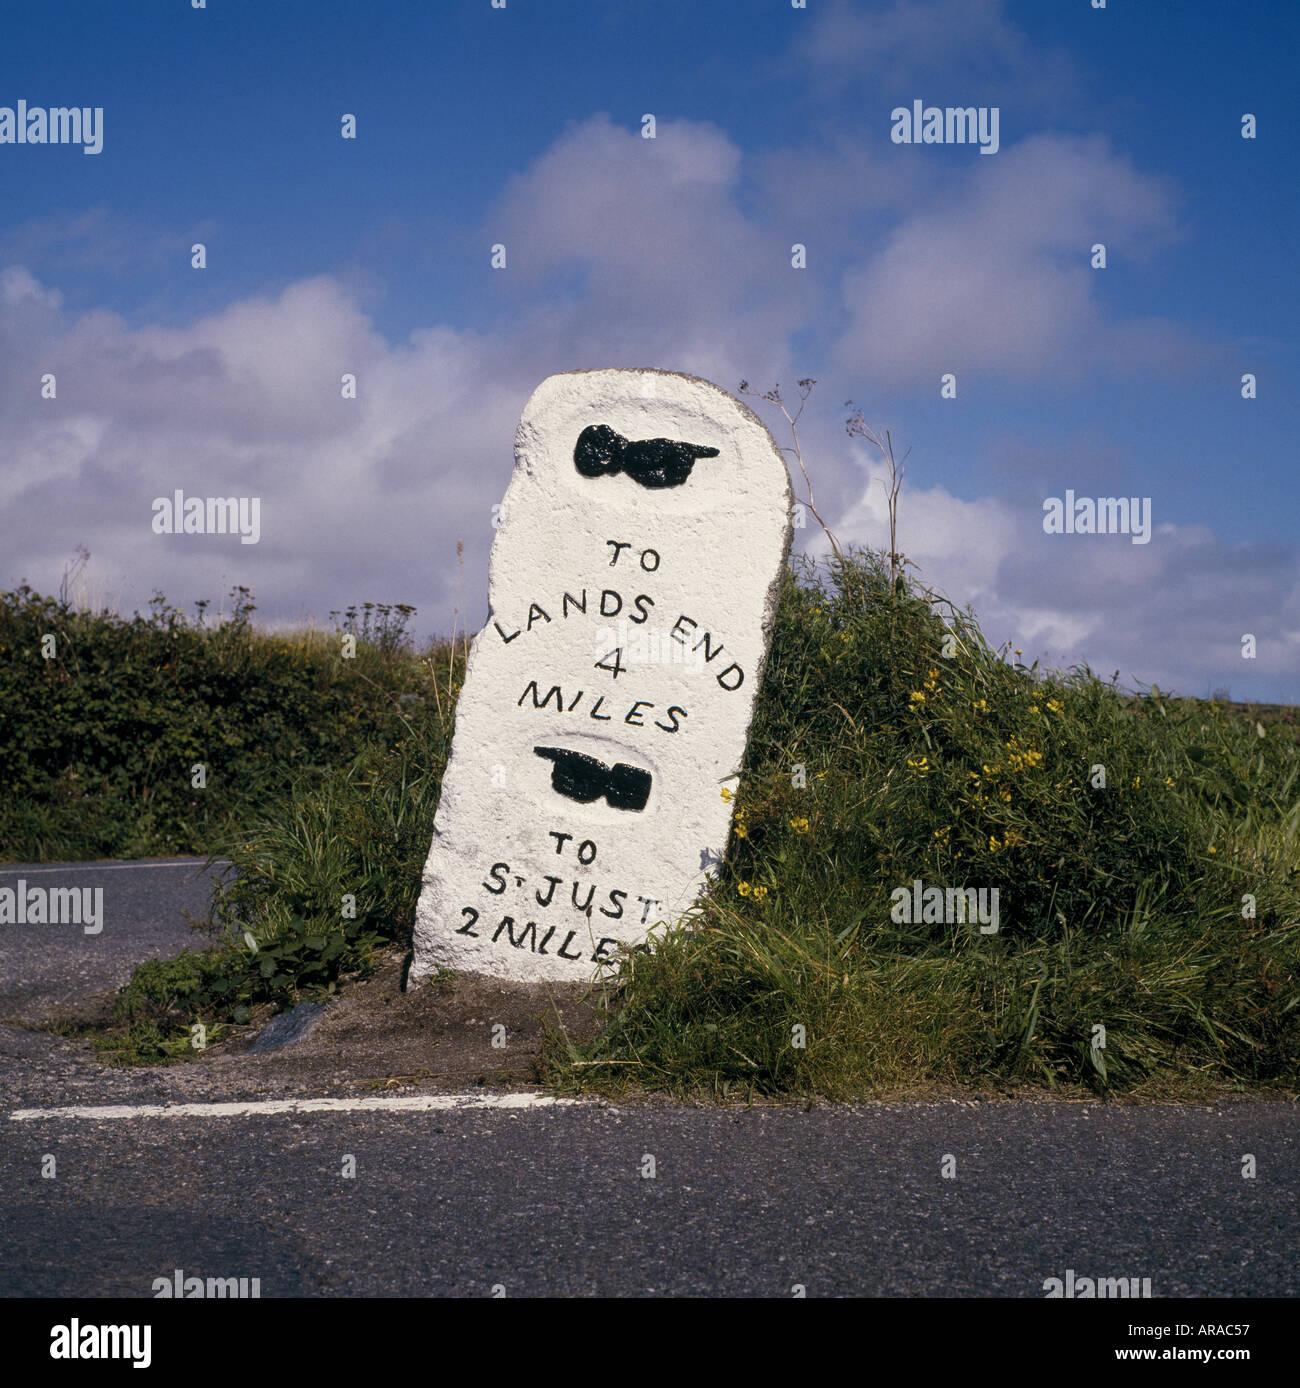 Une étape importante en pierre au bord de la route à Cornwall Penwith indiquant la distance à Lands End et St Just Banque D'Images